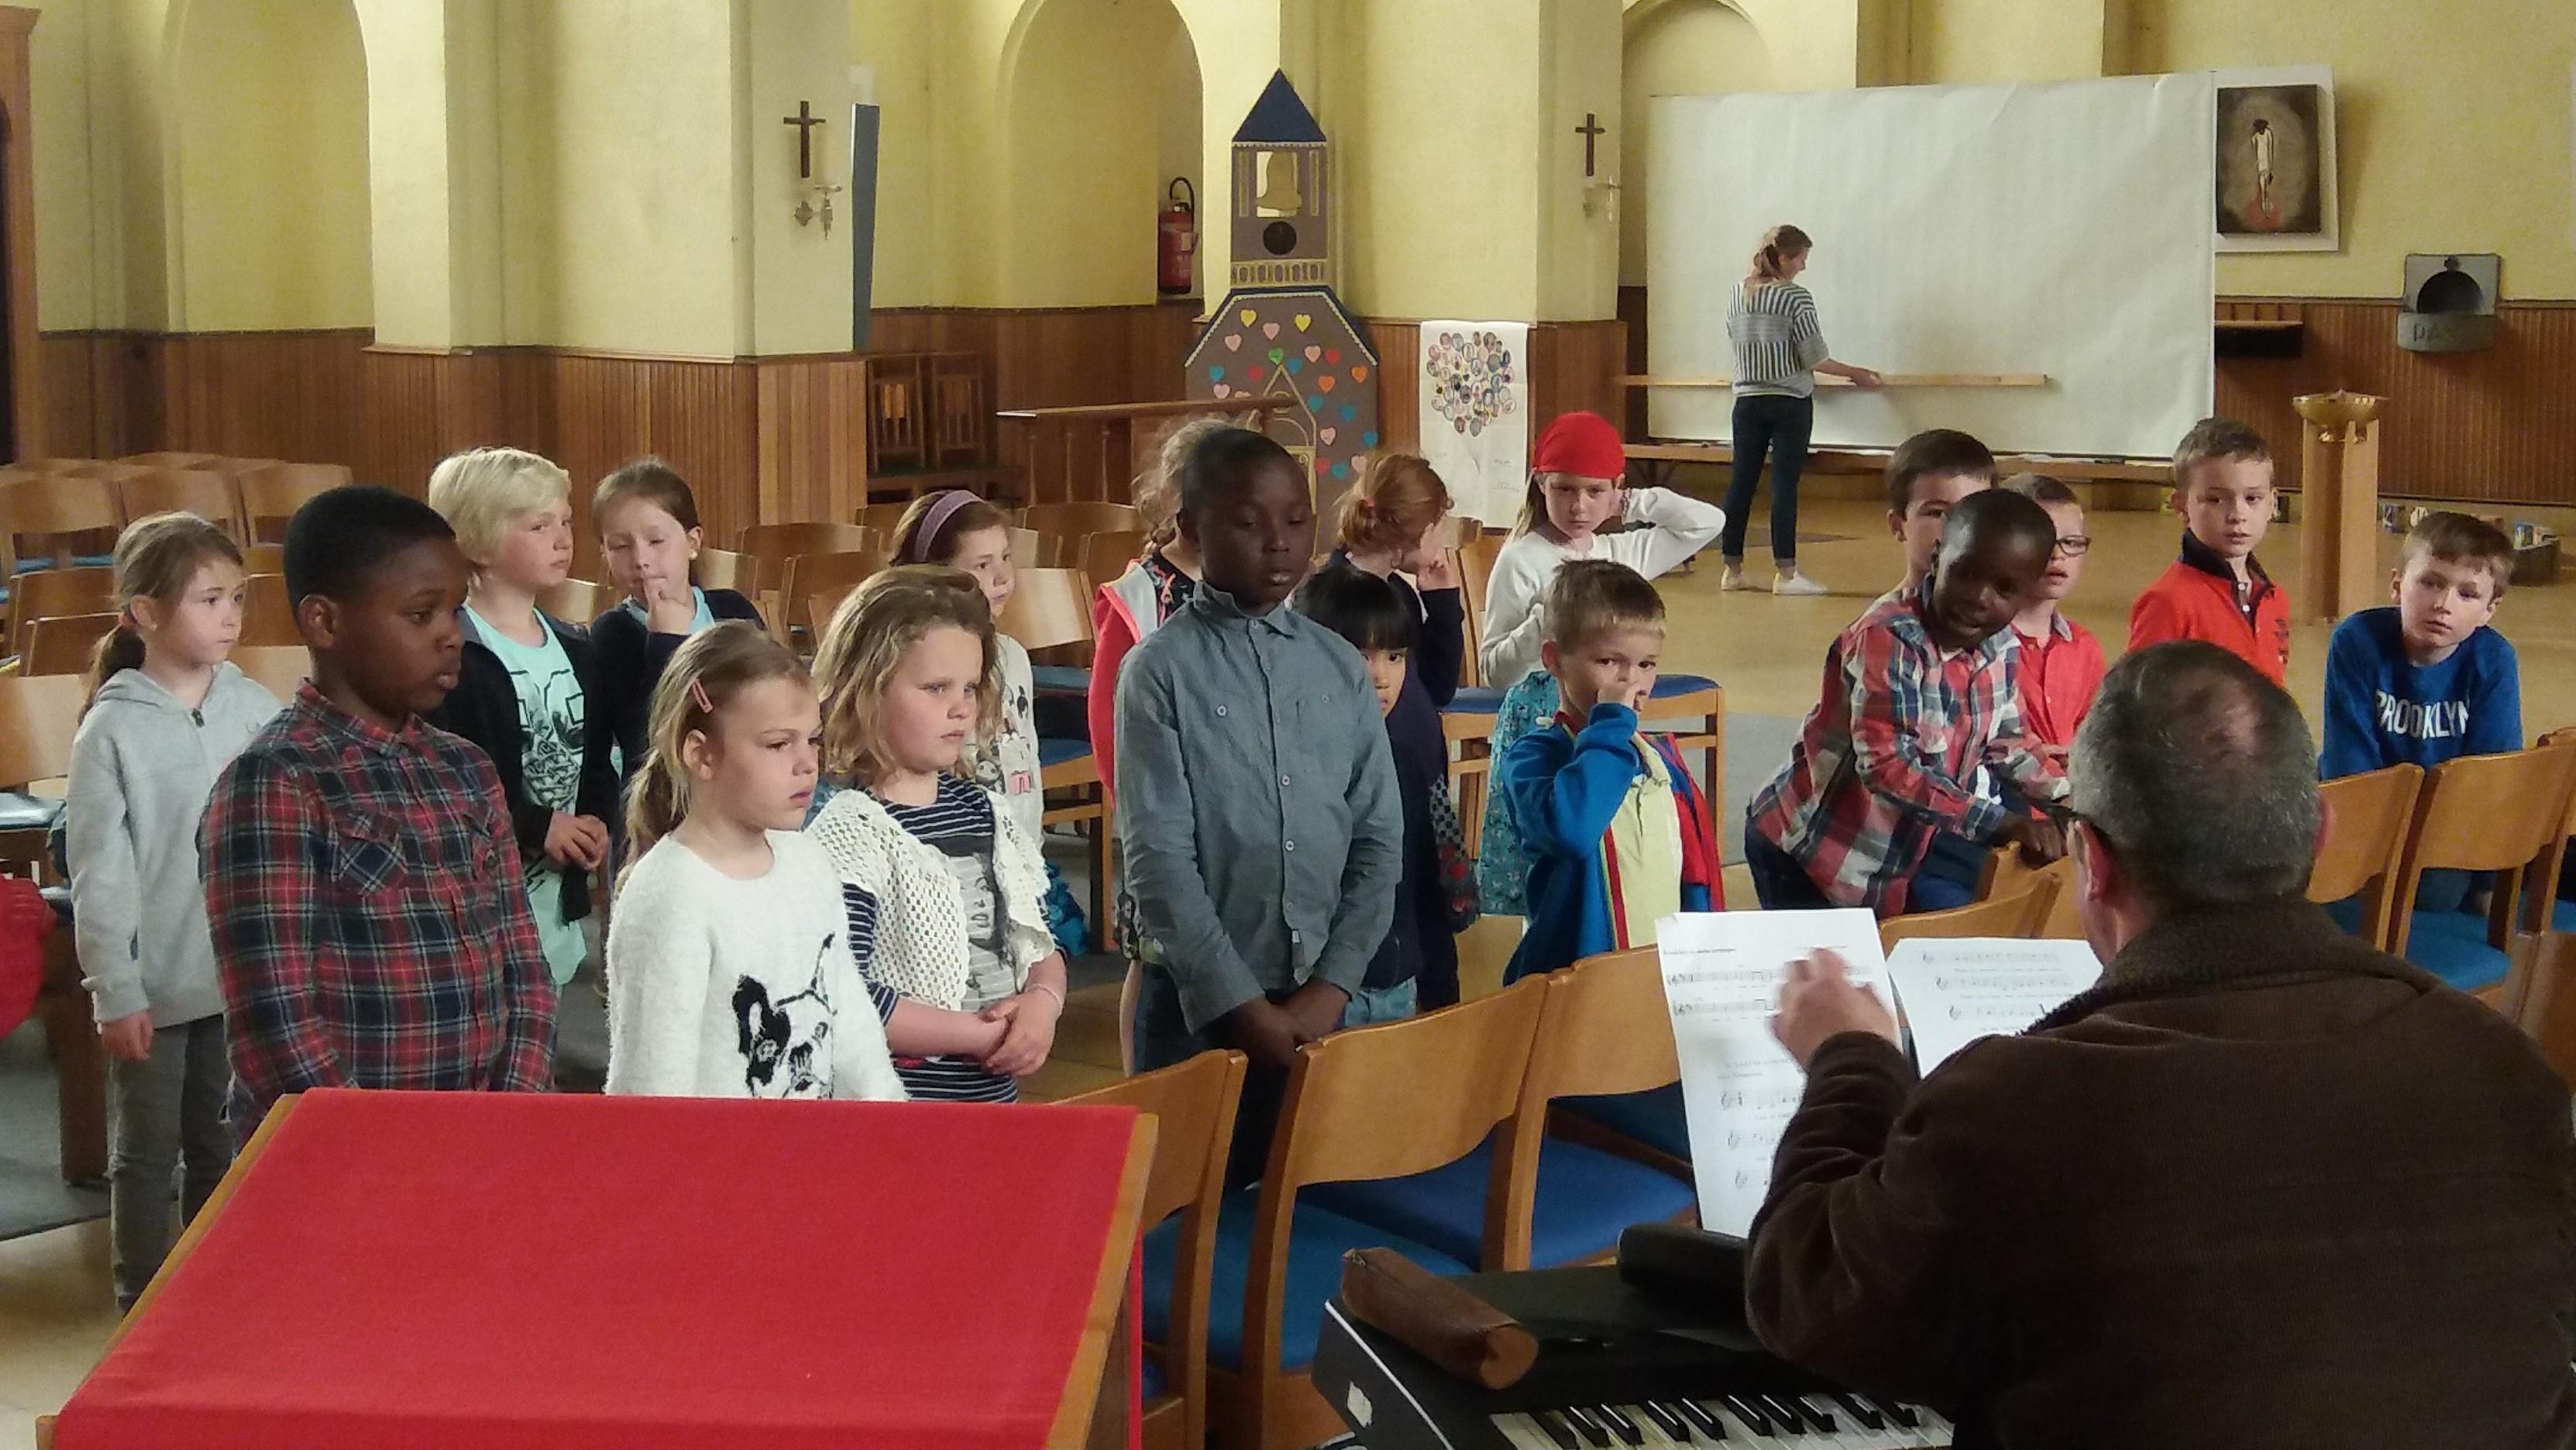 Voorbereiding op de eerste communie St.-Jozef Bredene-Sas